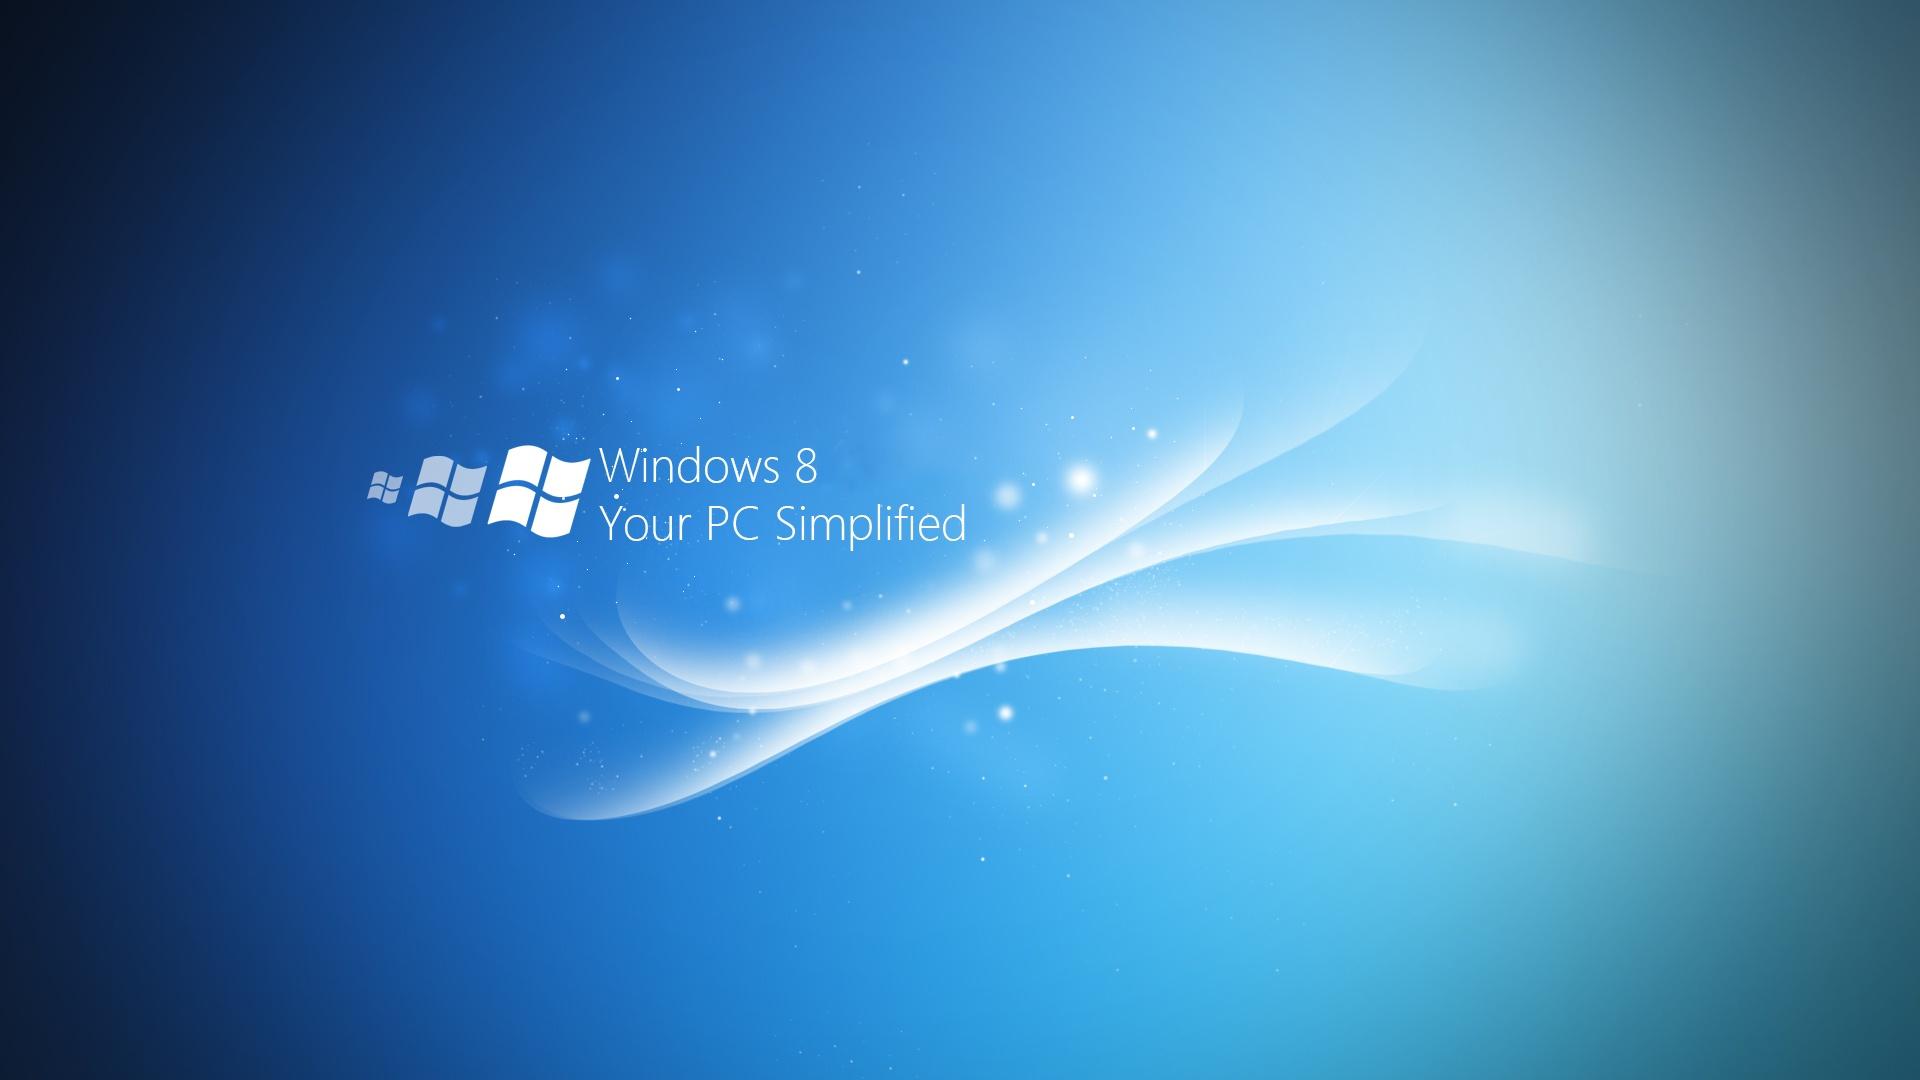 ... 화면 1920x1080 풀 hd 설명 윈도우 8 눈 현재 크기 1920x1080 Hd Wallpaper 1920x1080